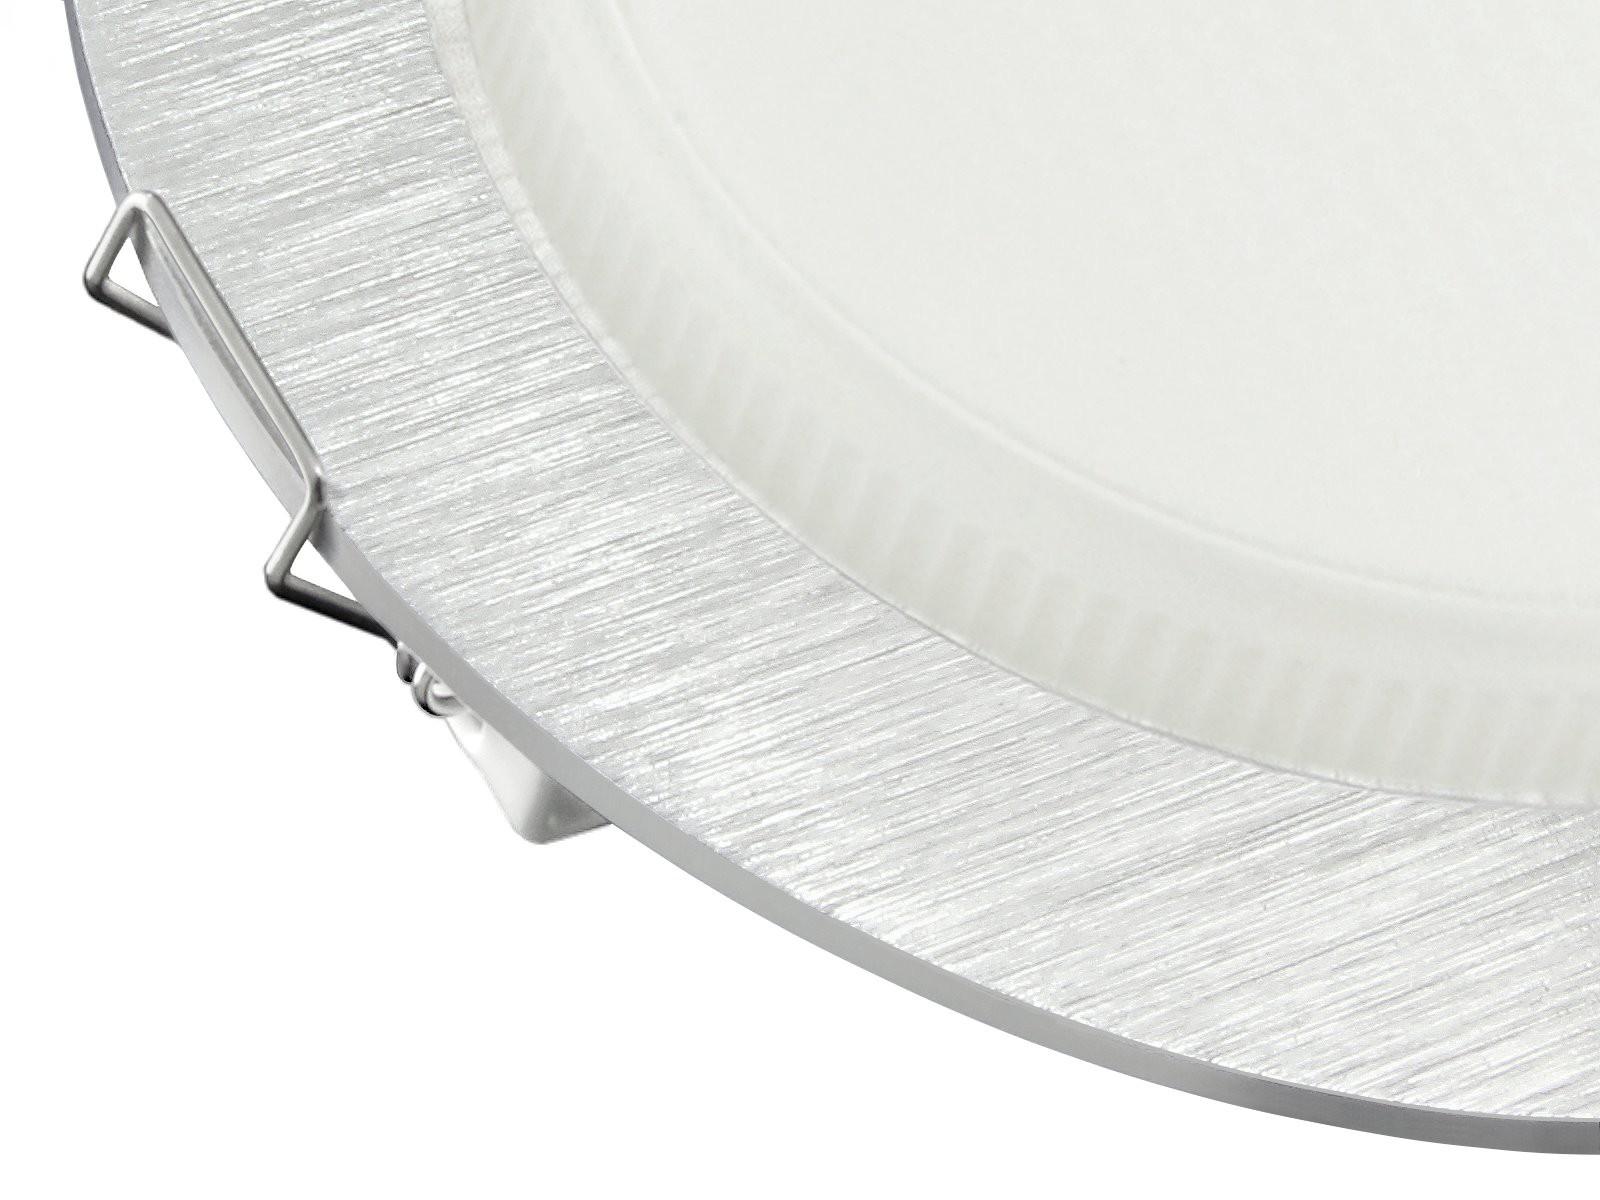 rx 3 alu led einbauleuchte einbaustrahler gx53 fassung 3 5w 15smd leds licht warm weiss. Black Bedroom Furniture Sets. Home Design Ideas